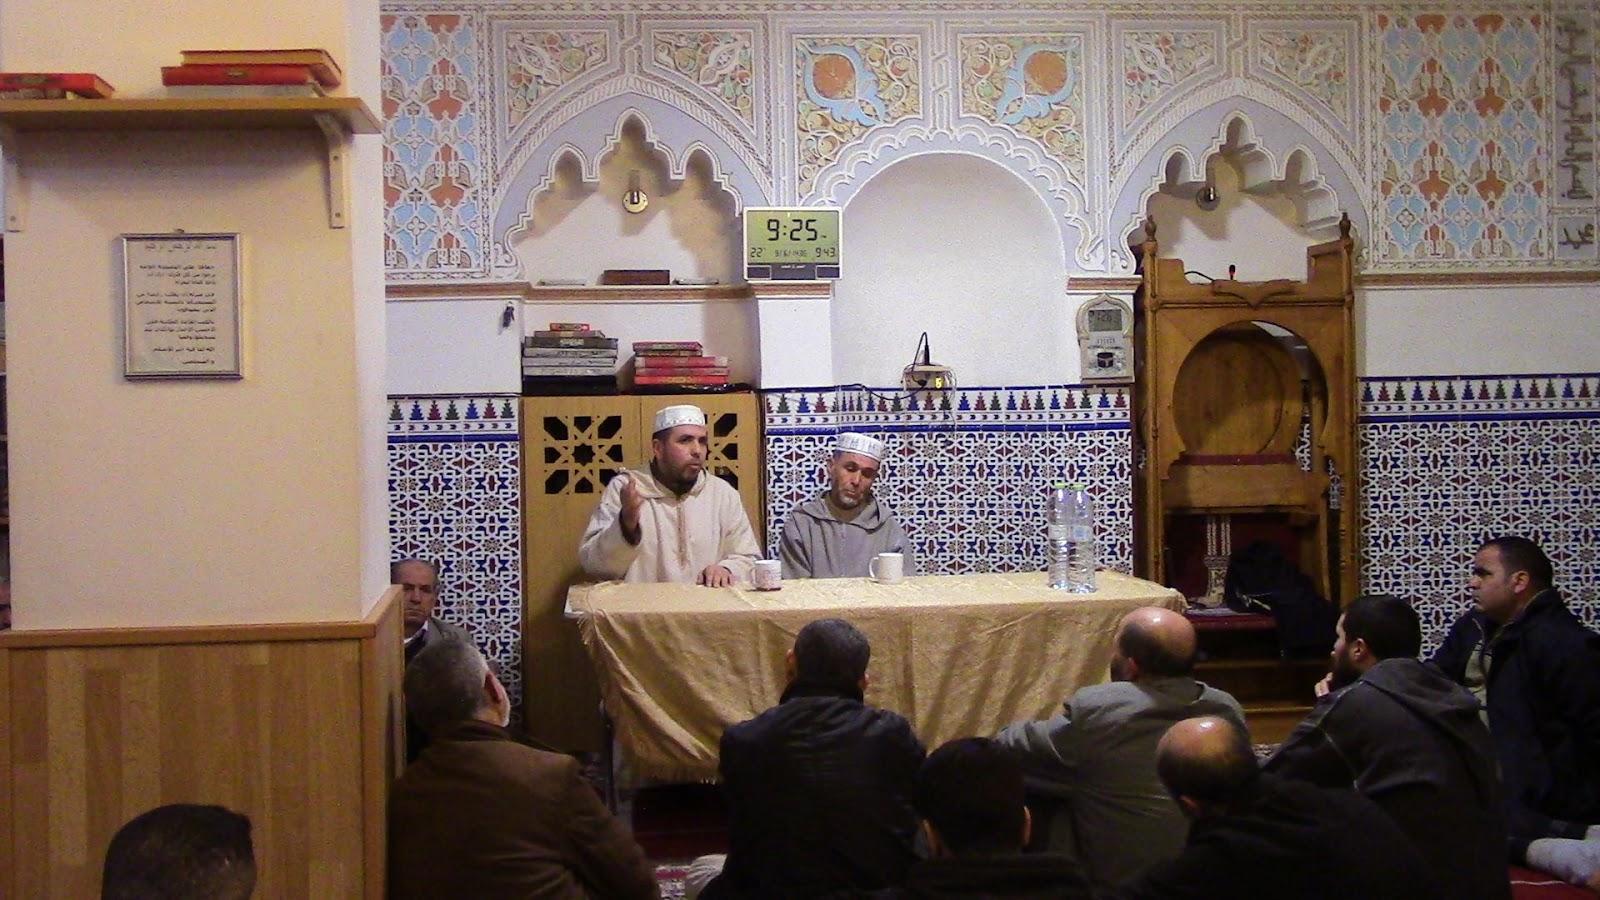 El musulmán entre la fe musulmana y los impulsos físicos